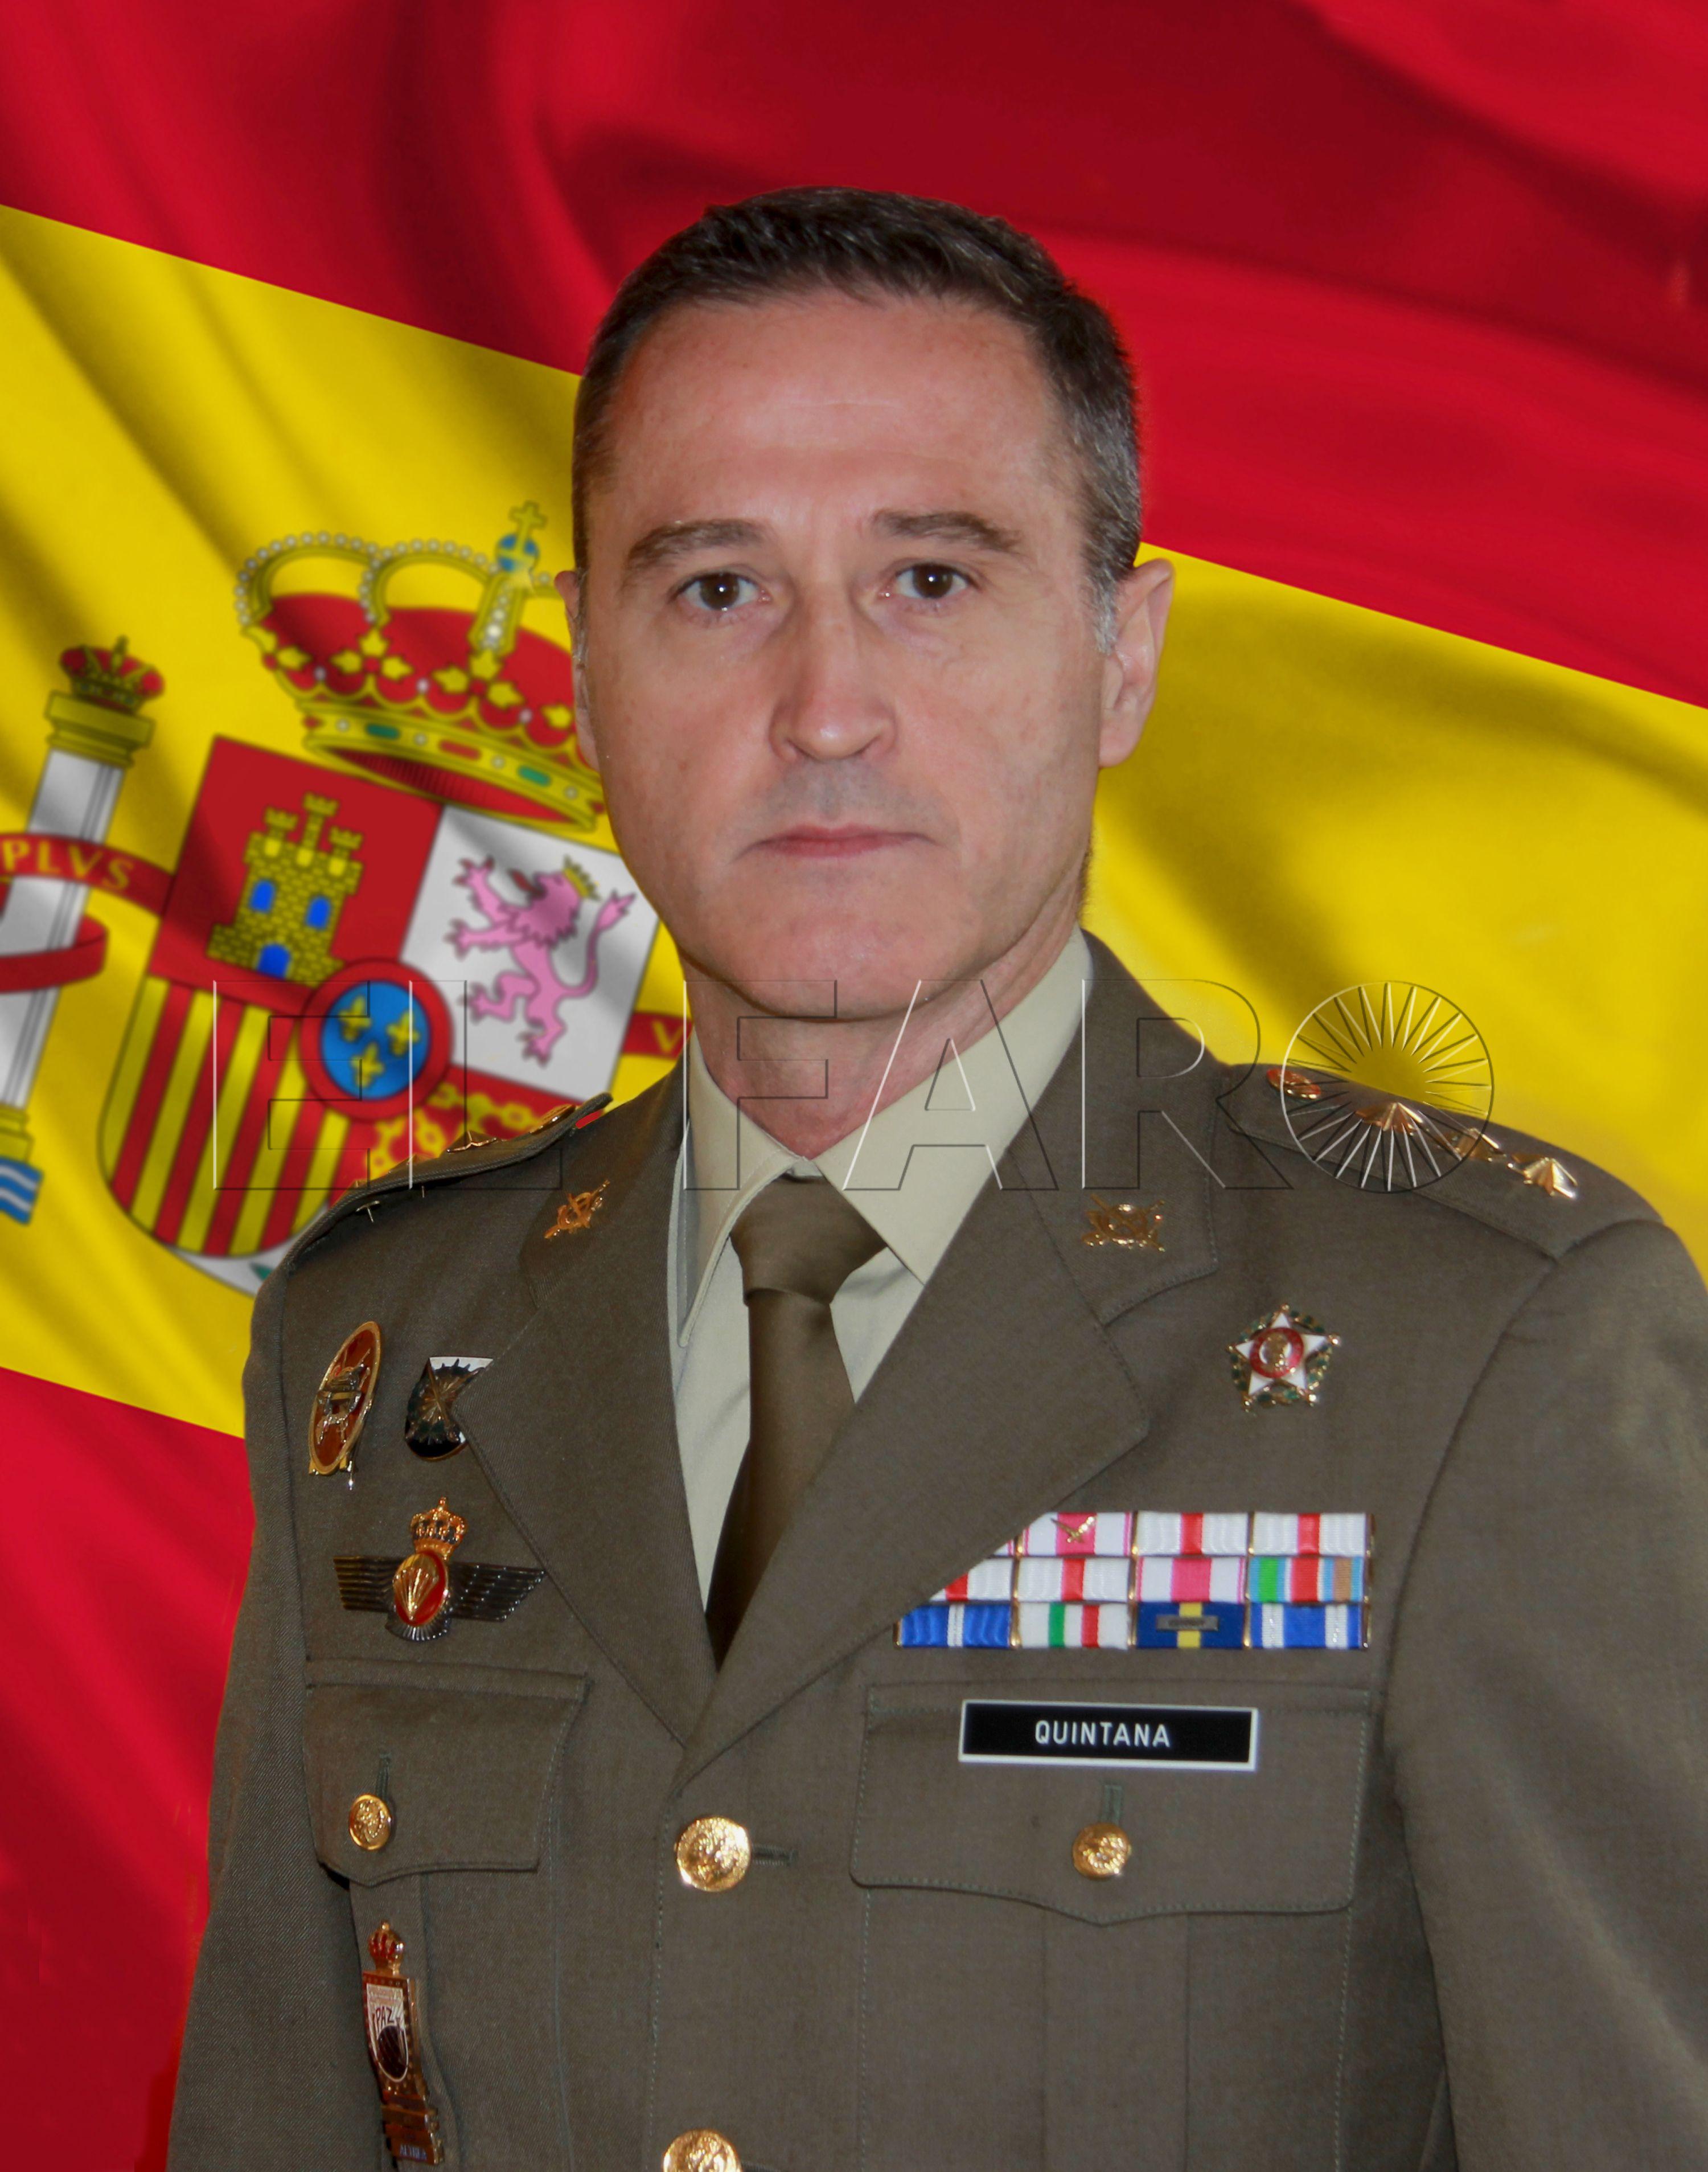 El ceutí Alberto de Quintana toma el mando de la USBAD 'Teniente Ruiz'